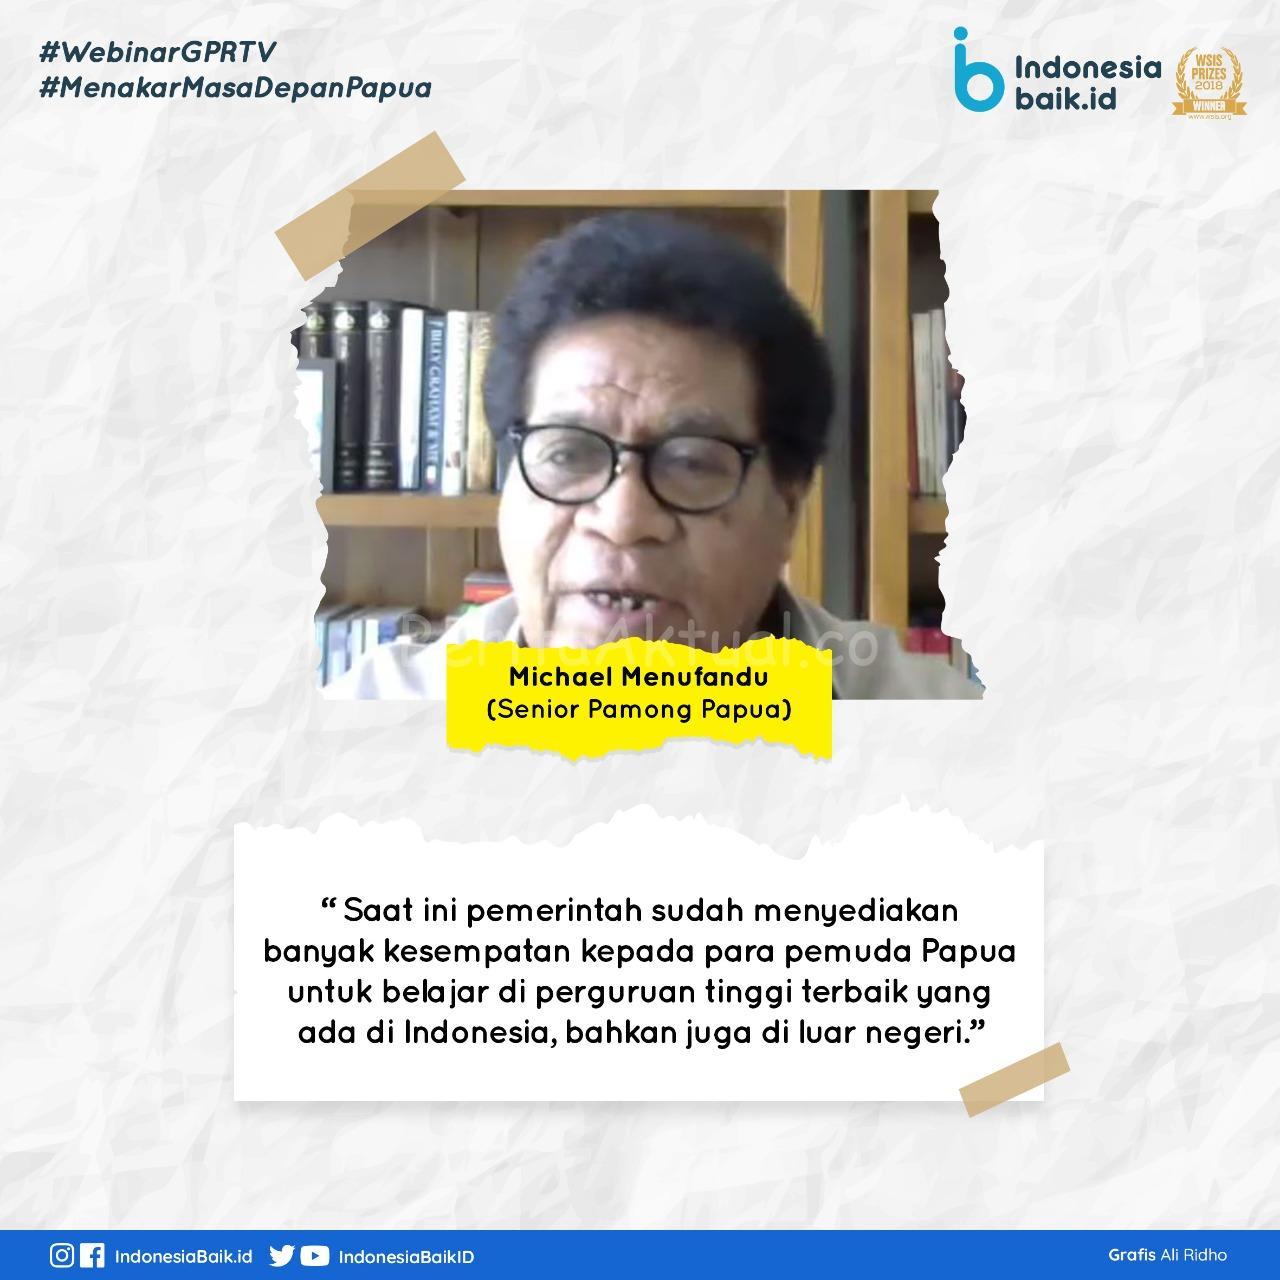 Akselerasi Pembangunan, Generasi Papua Bisa Jadi Pemimpin Besar Masa Mendatang 3 IMG 20200614 WA0117